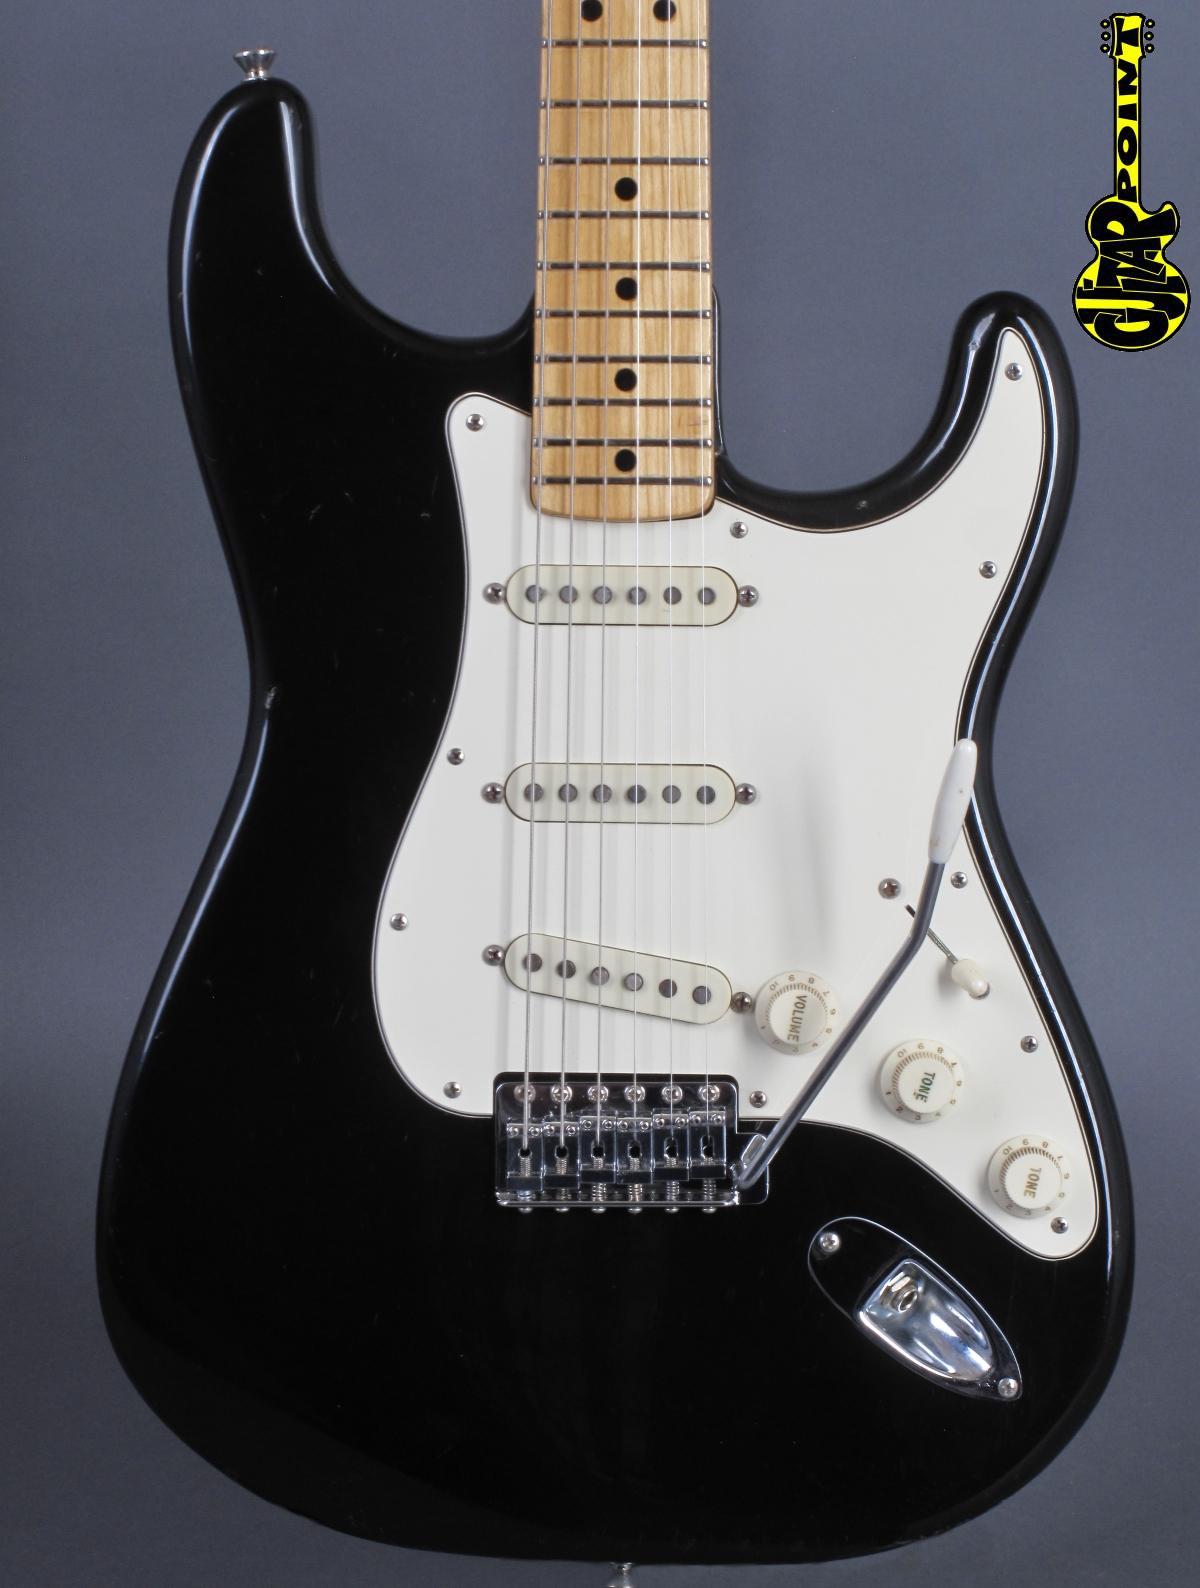 1973 Fender Stratocaster - Black